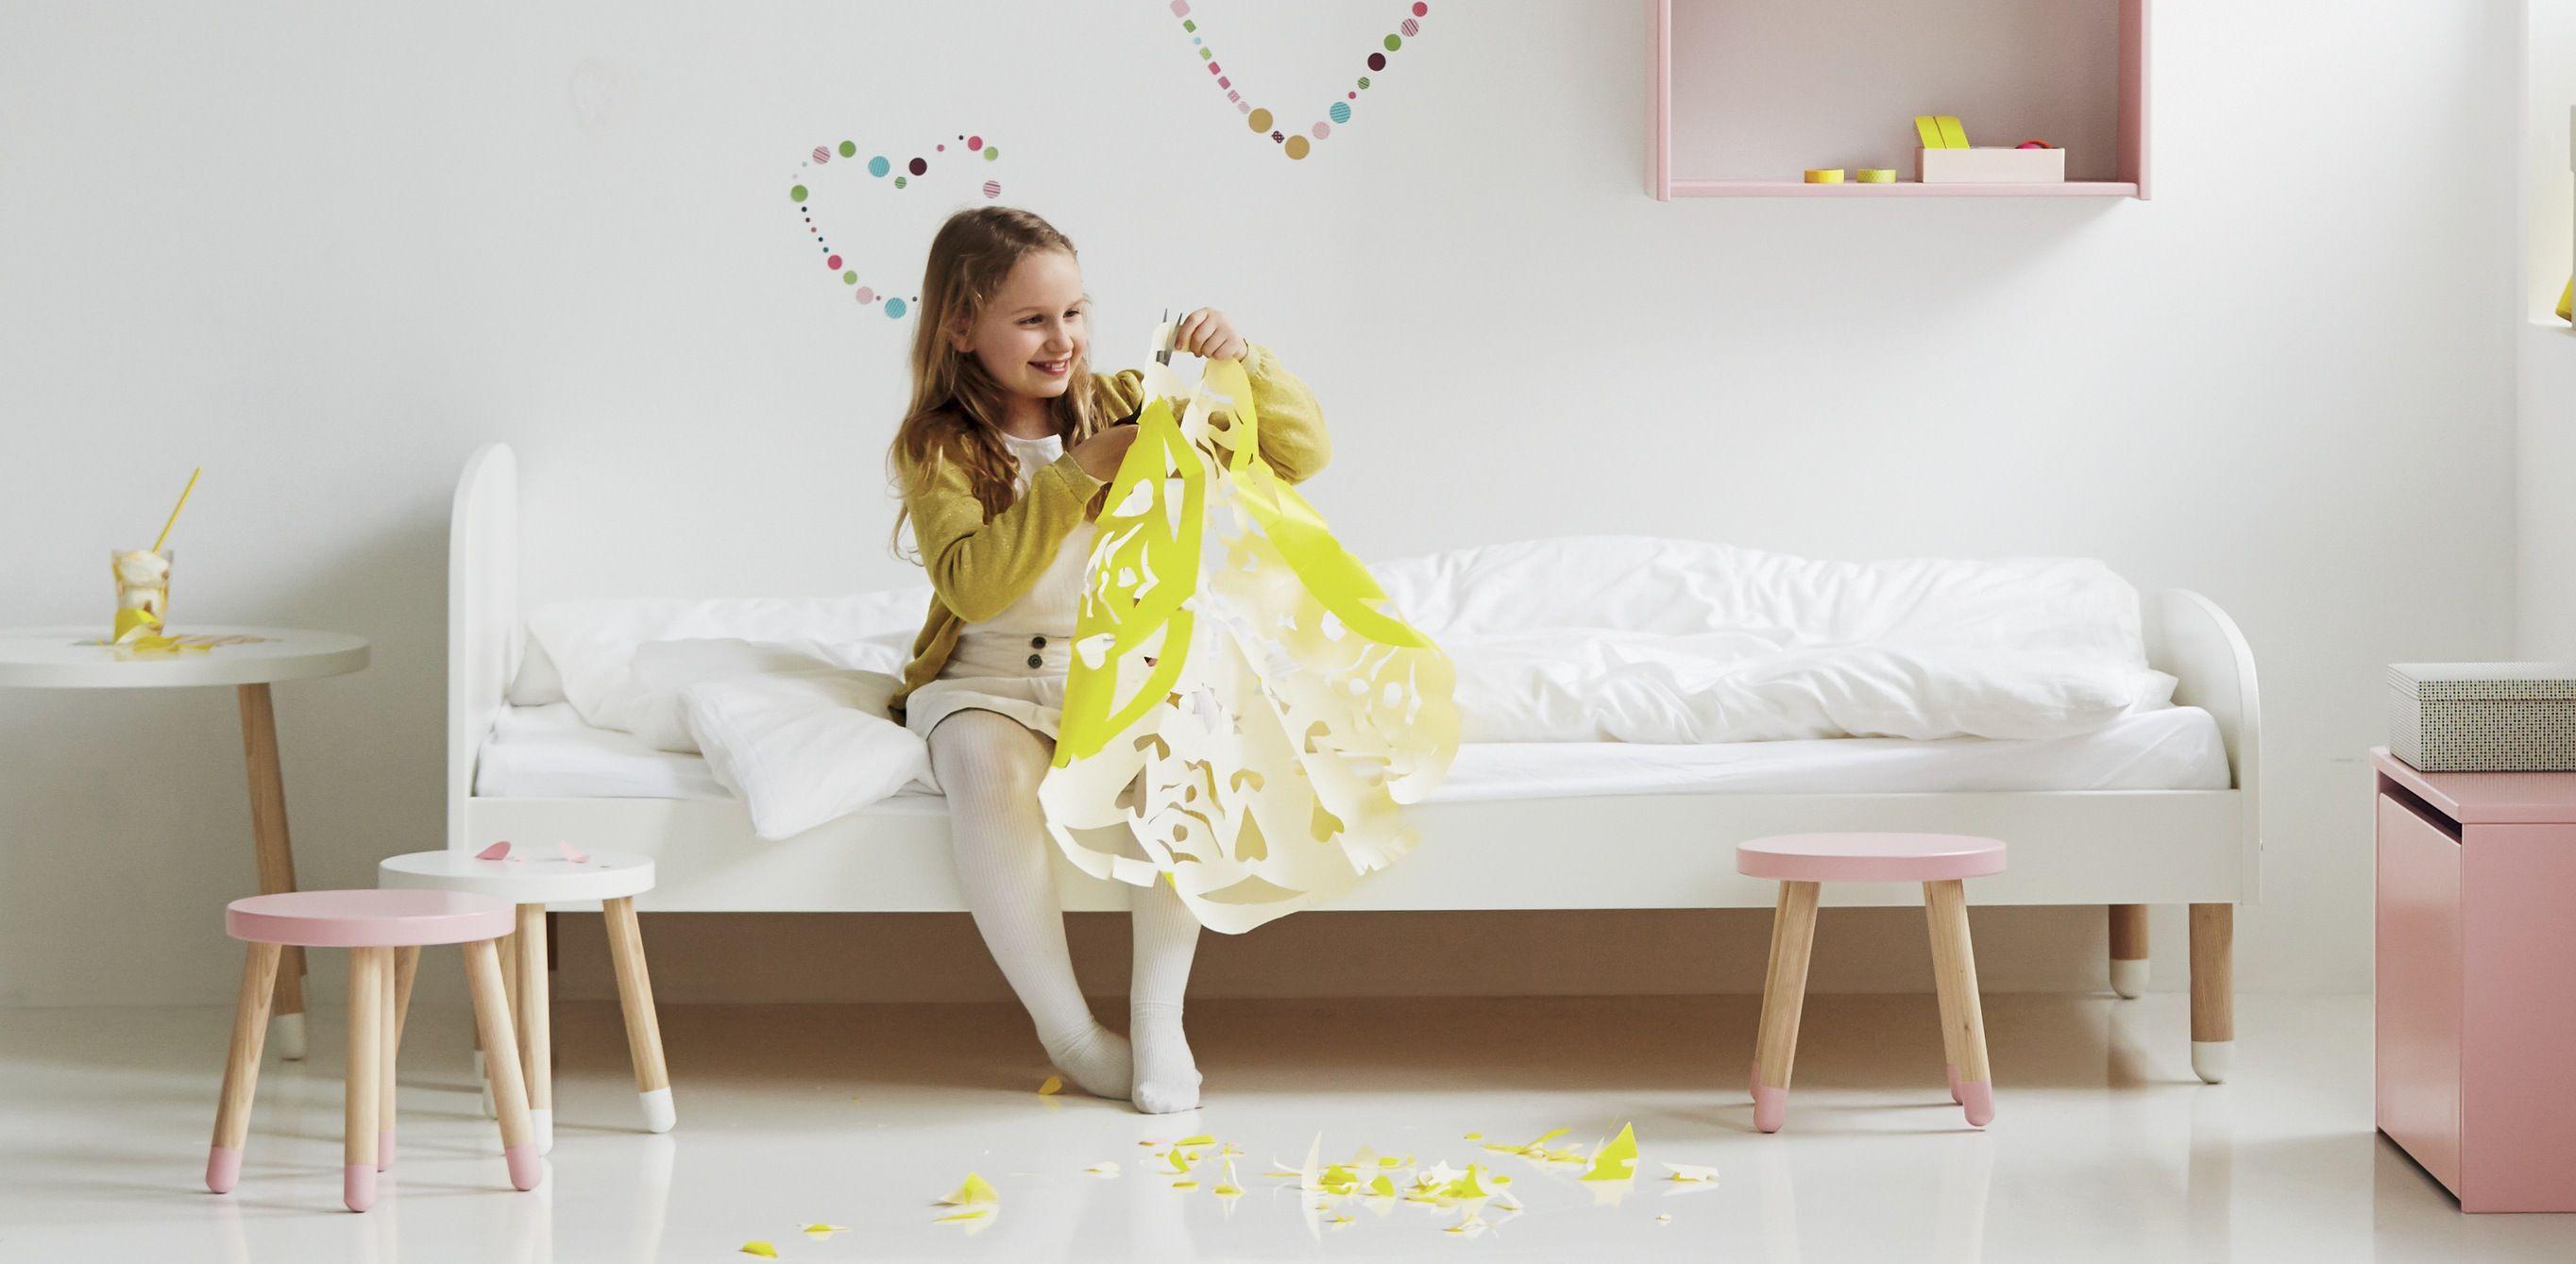 FLEXA Play Børneseng 90x190 - Hvid - Flexa enkeltseng 190 cm